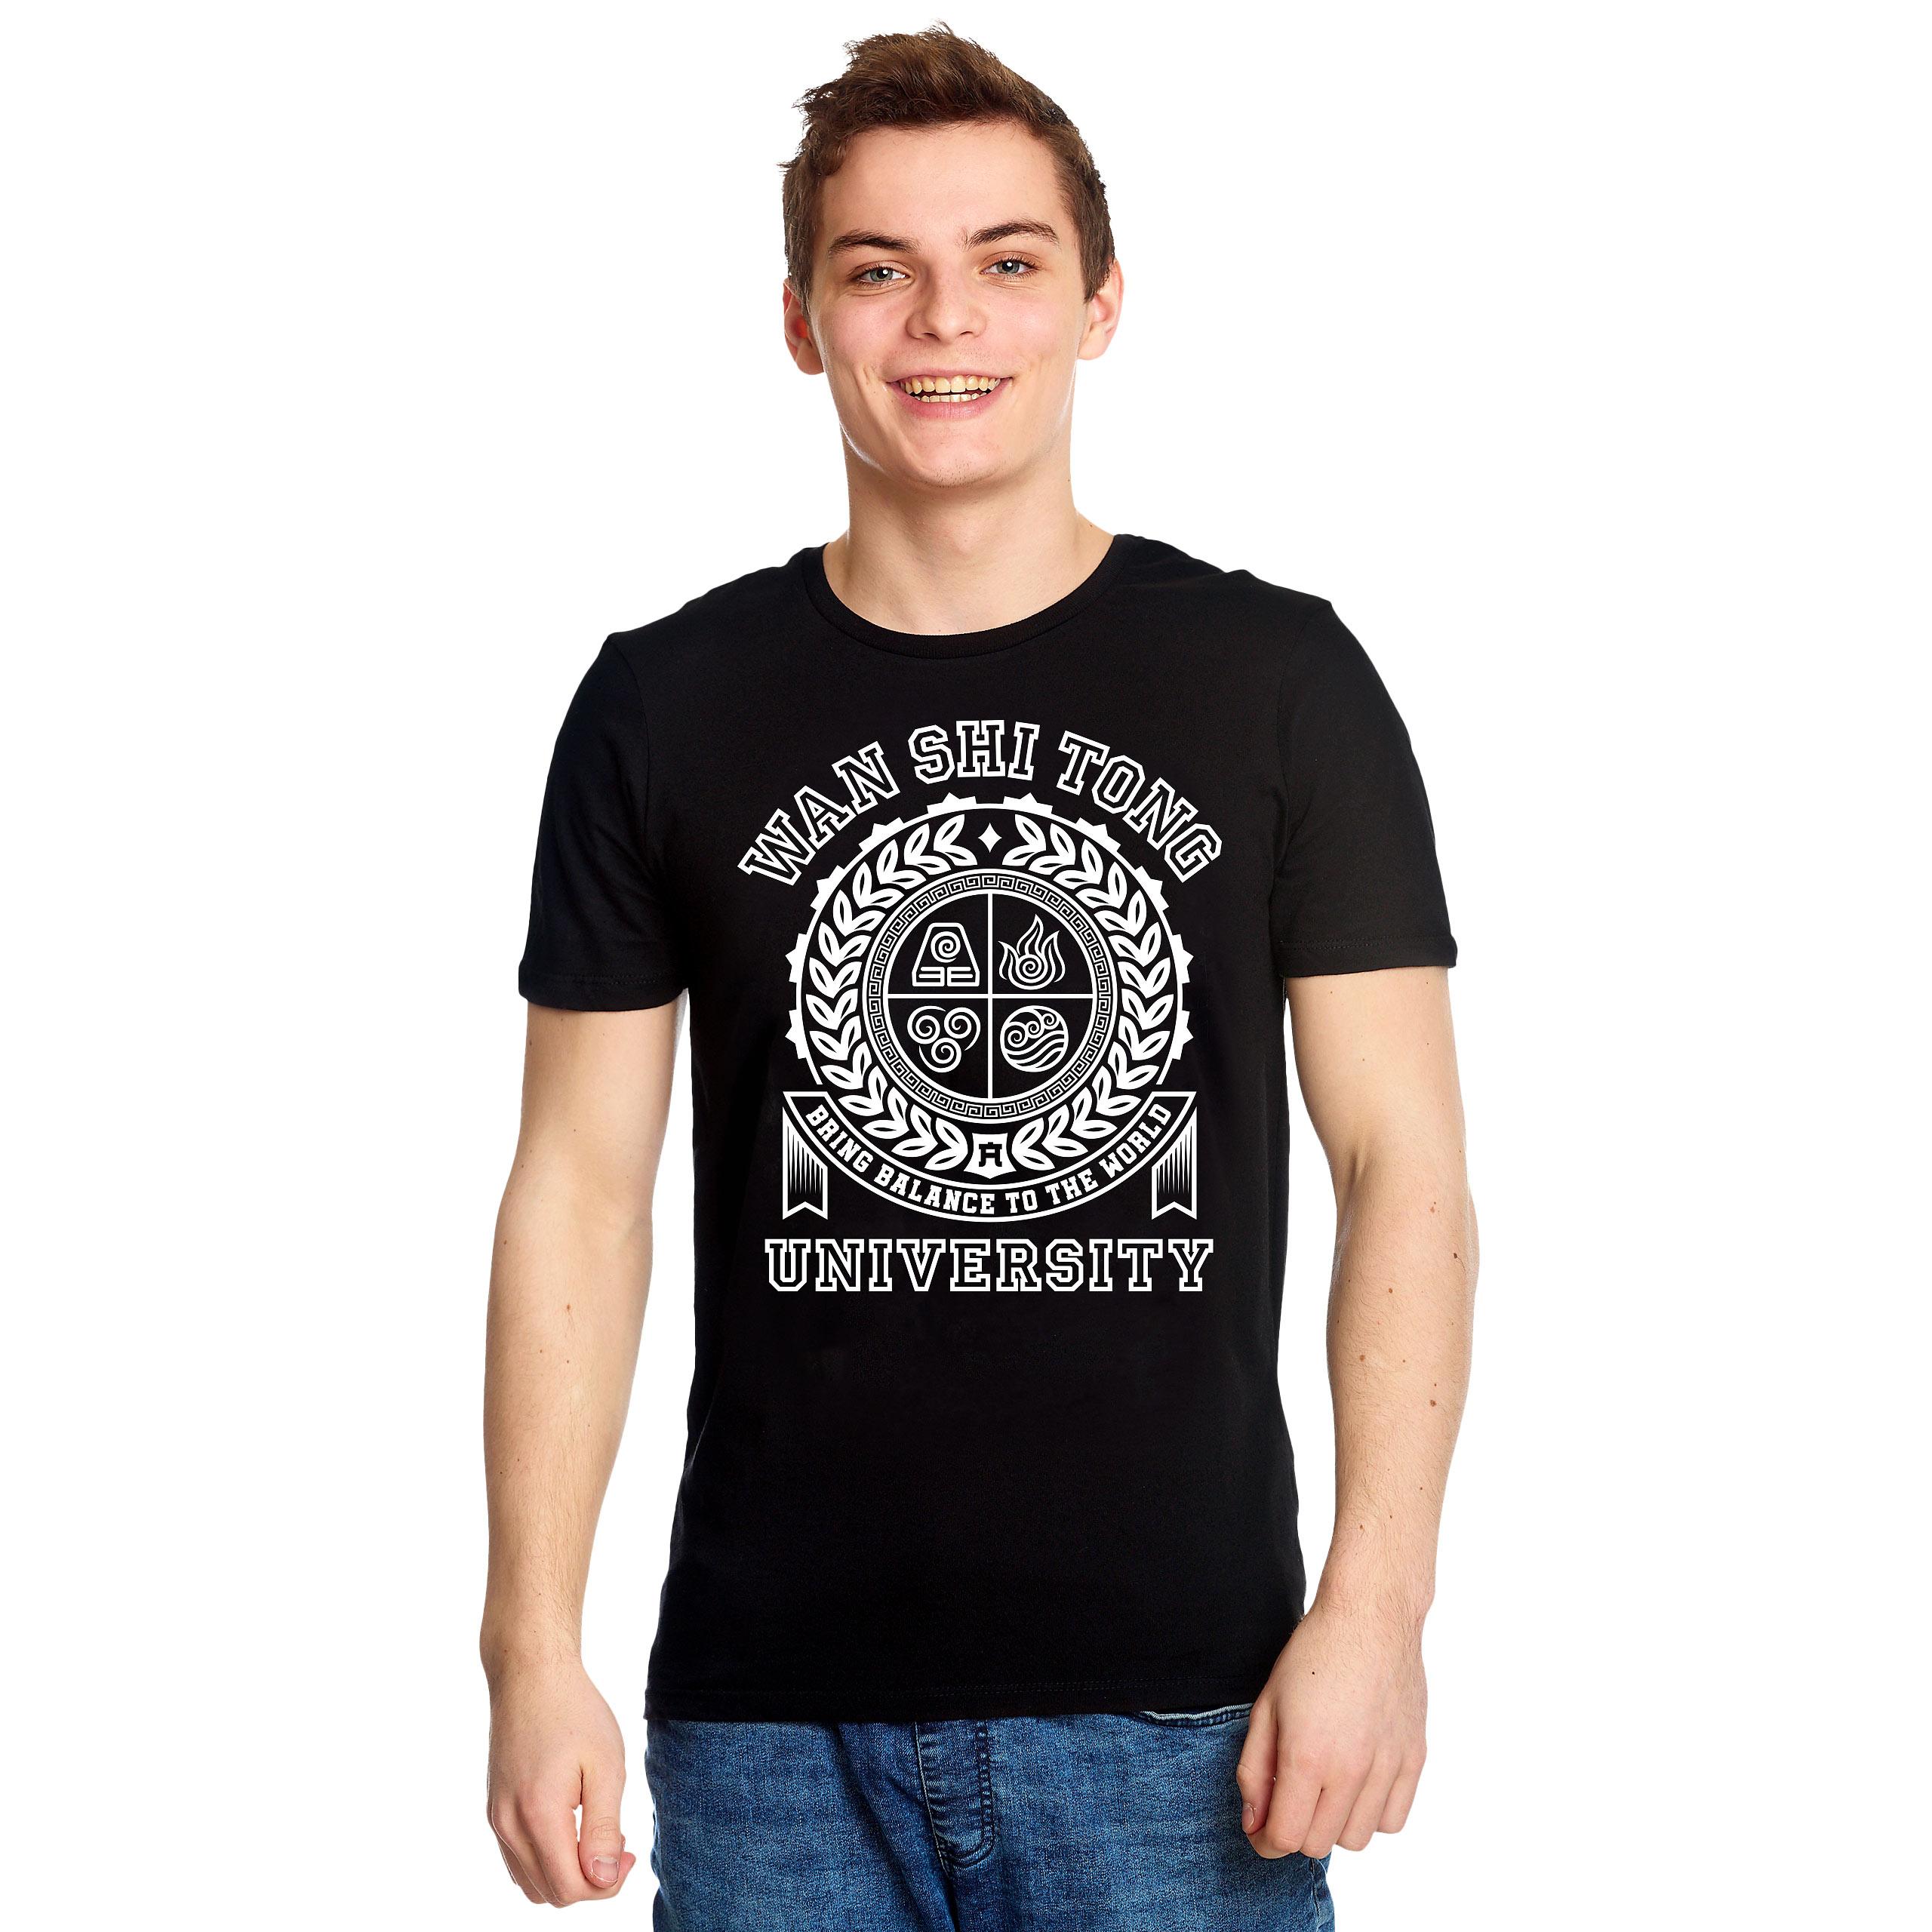 Wan Shi Tong University T-Shirt für Avatar Fans schwarz